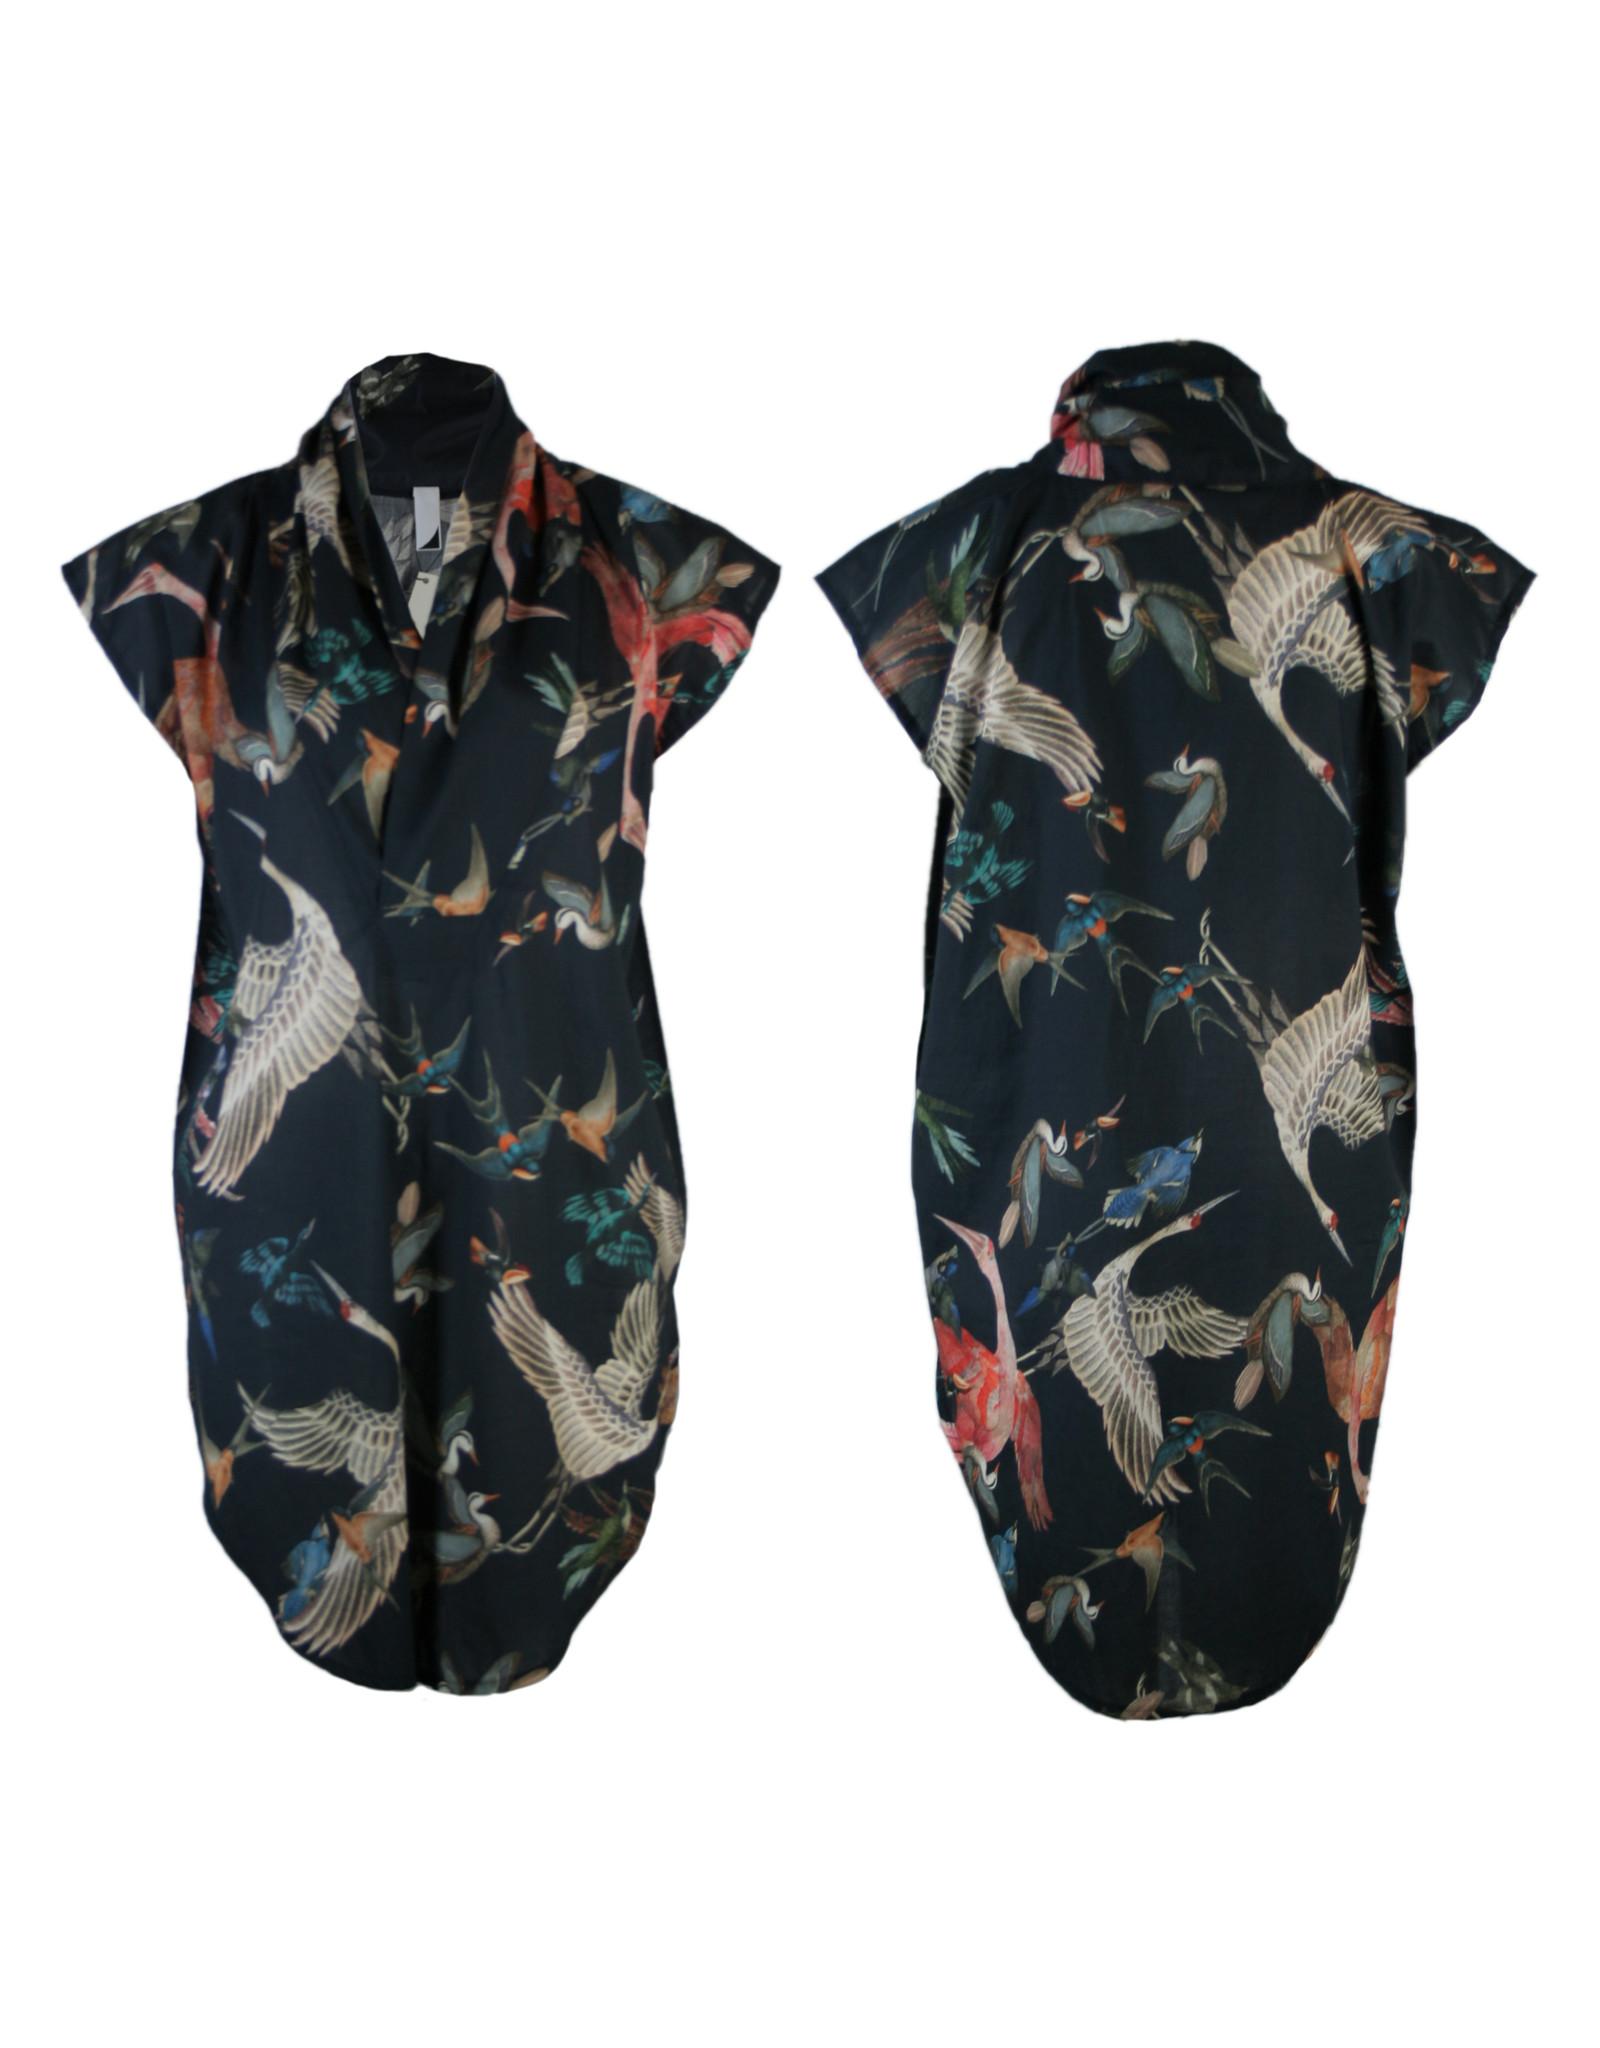 format TOAT dressblouse, plain